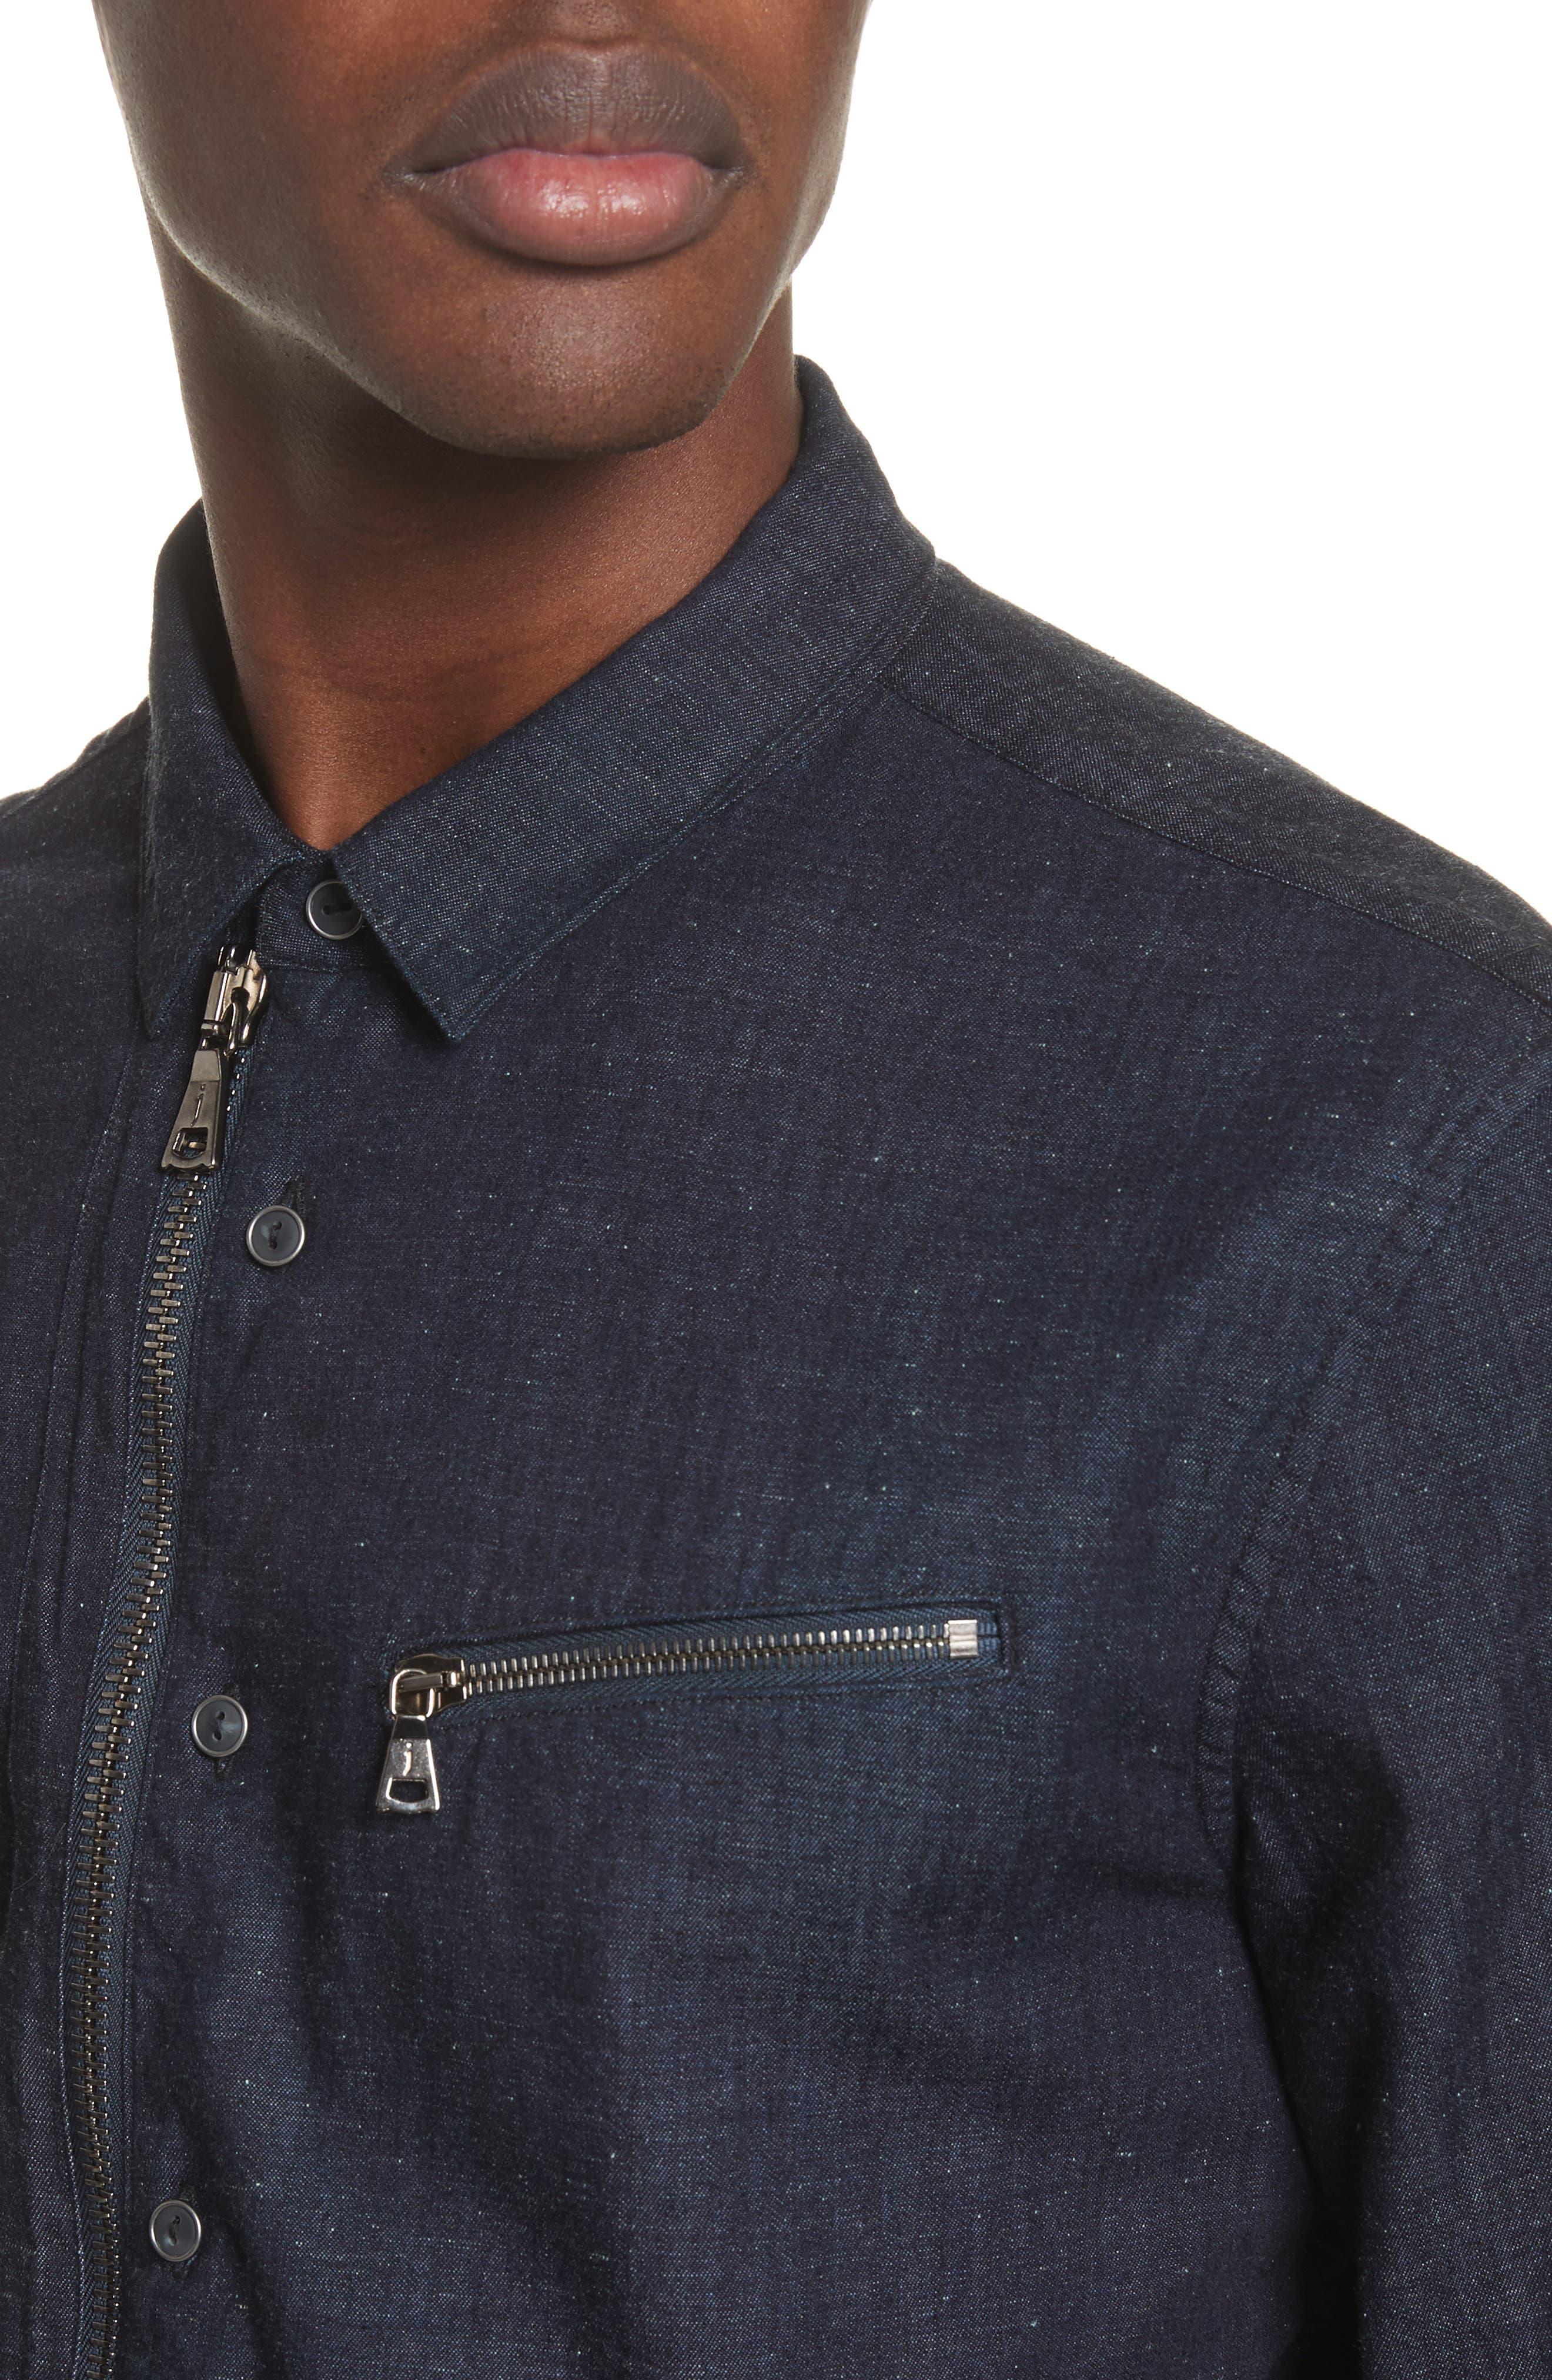 Cotton Blend Zip Shirt,                             Alternate thumbnail 4, color,                             410